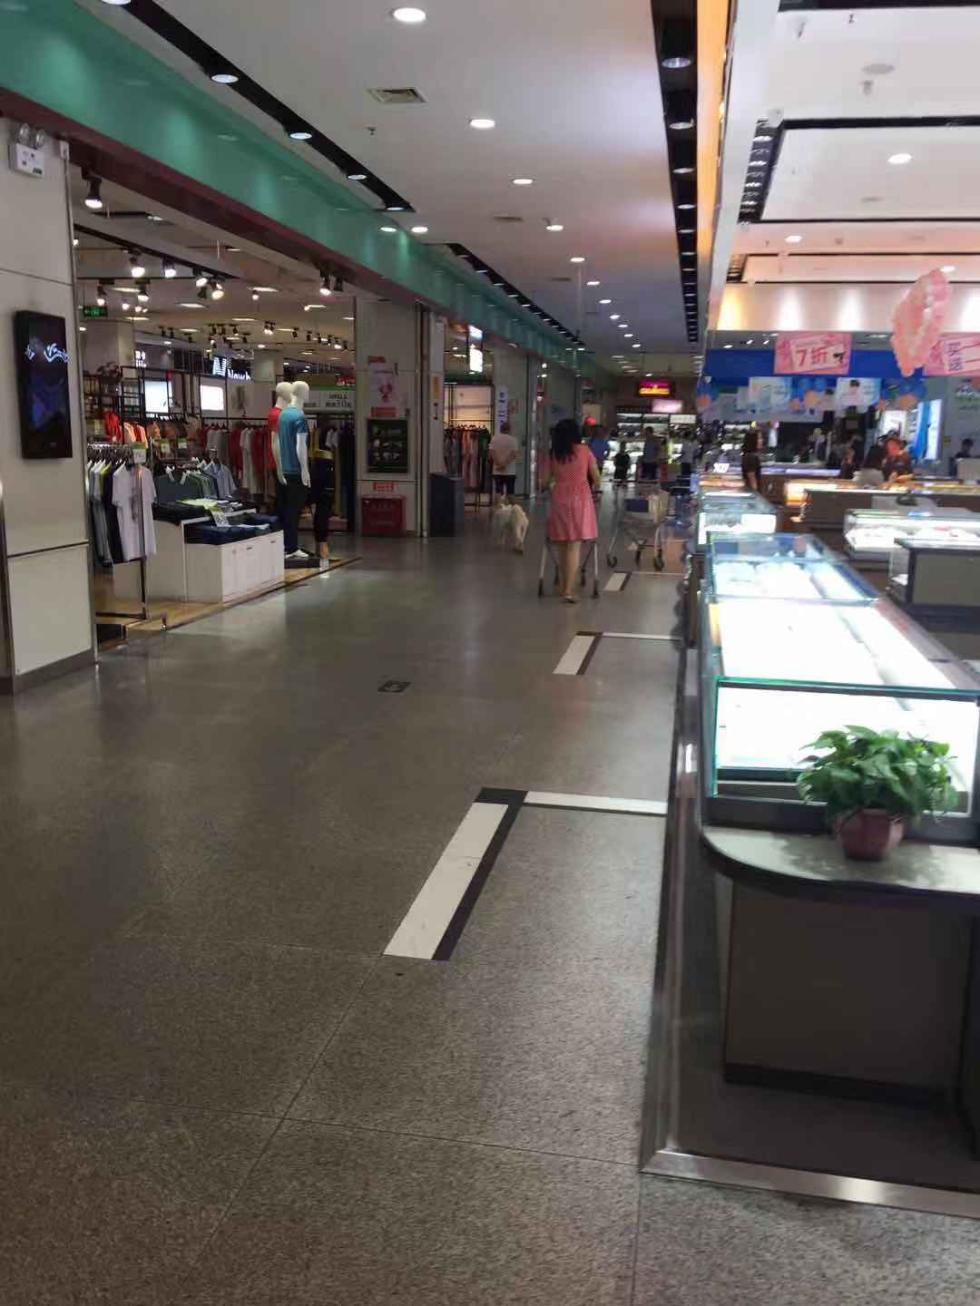 芙蓉区精彩生活超市,一条白色大狗在游逛。受访者 供图